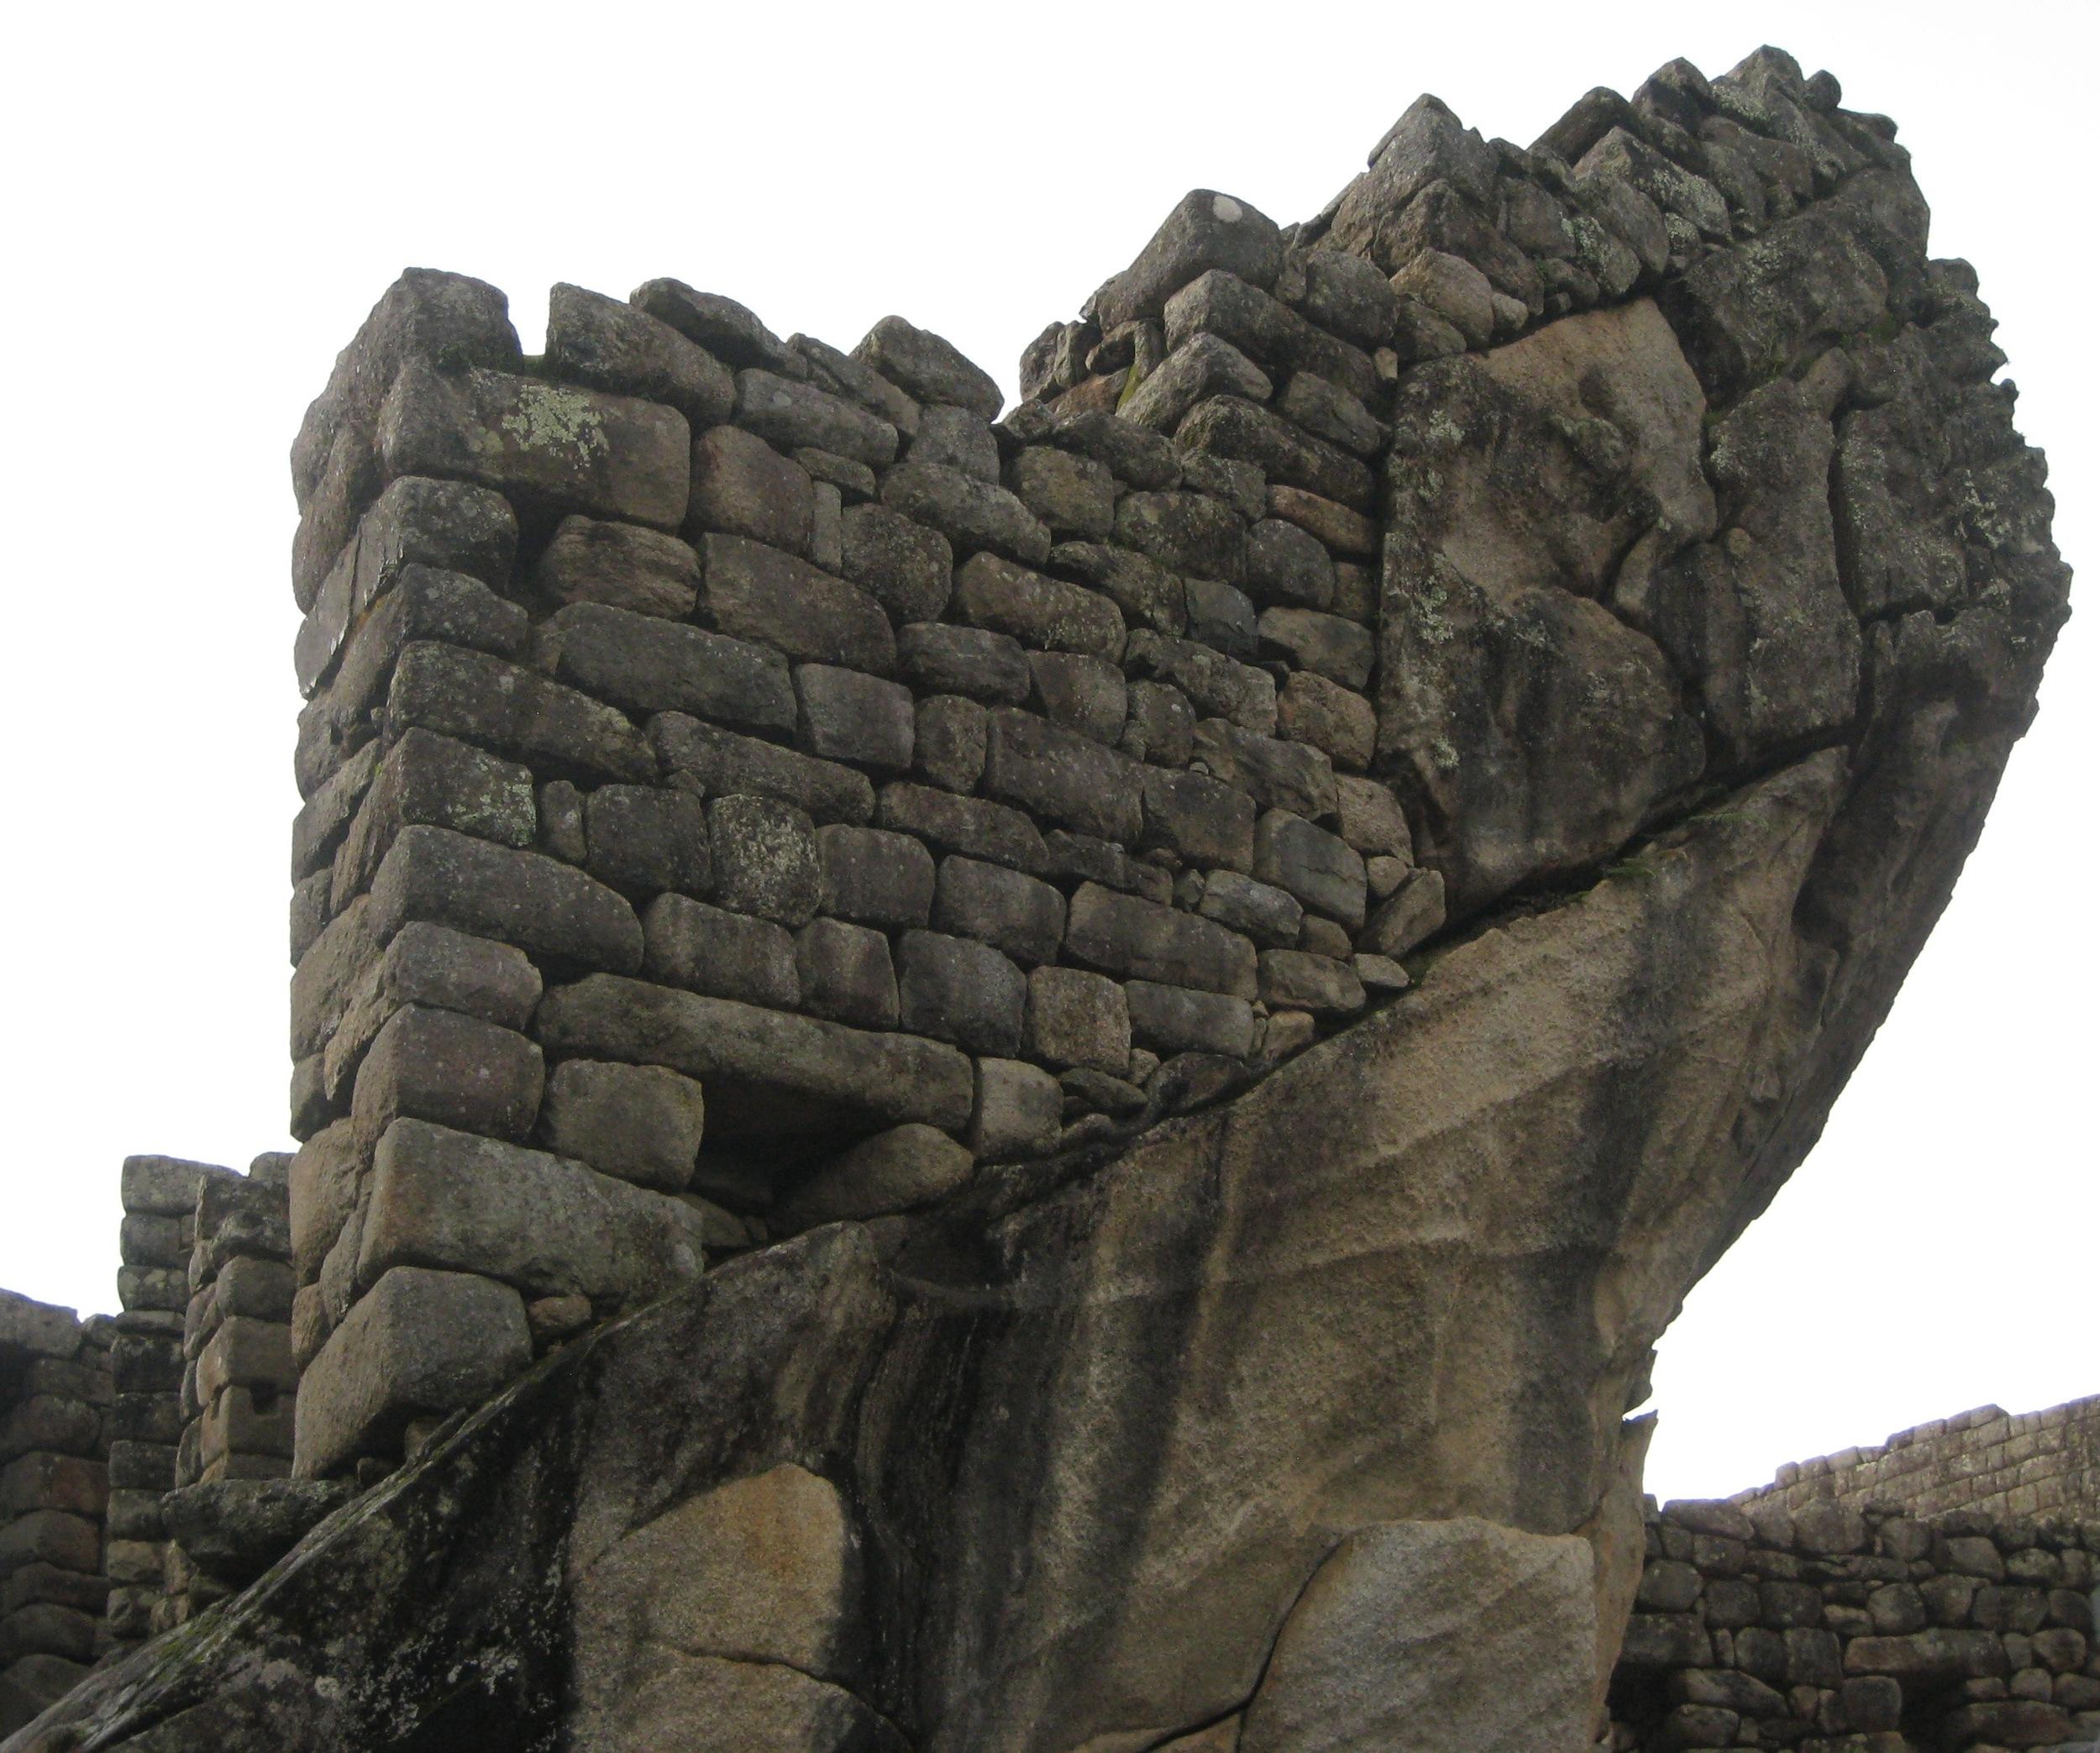 Machu Pichhu stonework